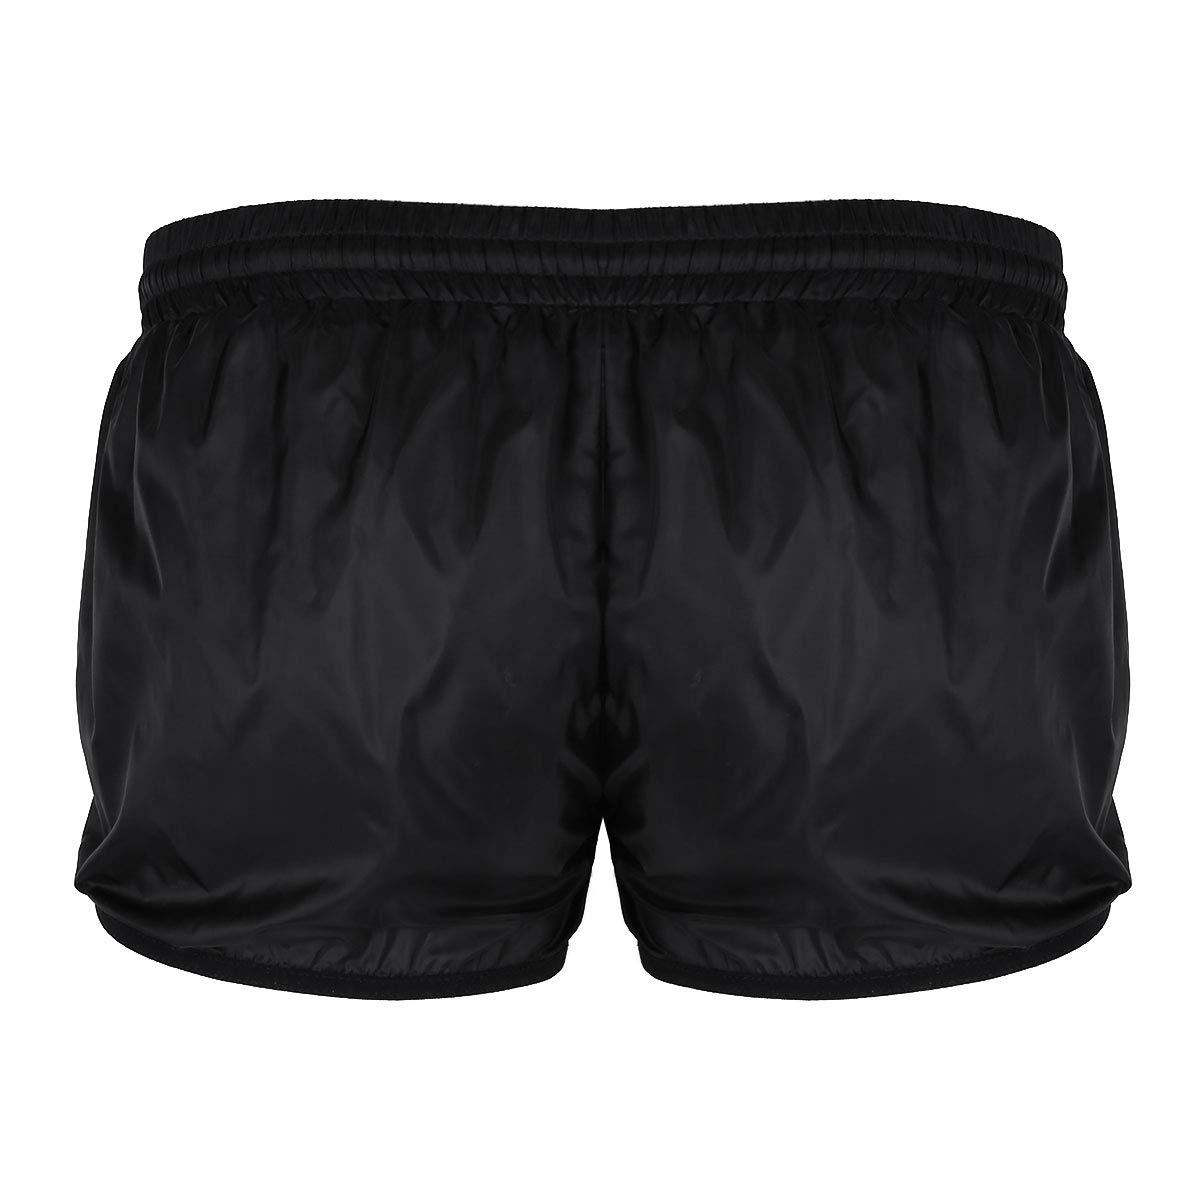 iEFiEL Men Lightweight Boxer Briefs Swim Trunks Beach Shorts Lounge Sport Short Pants